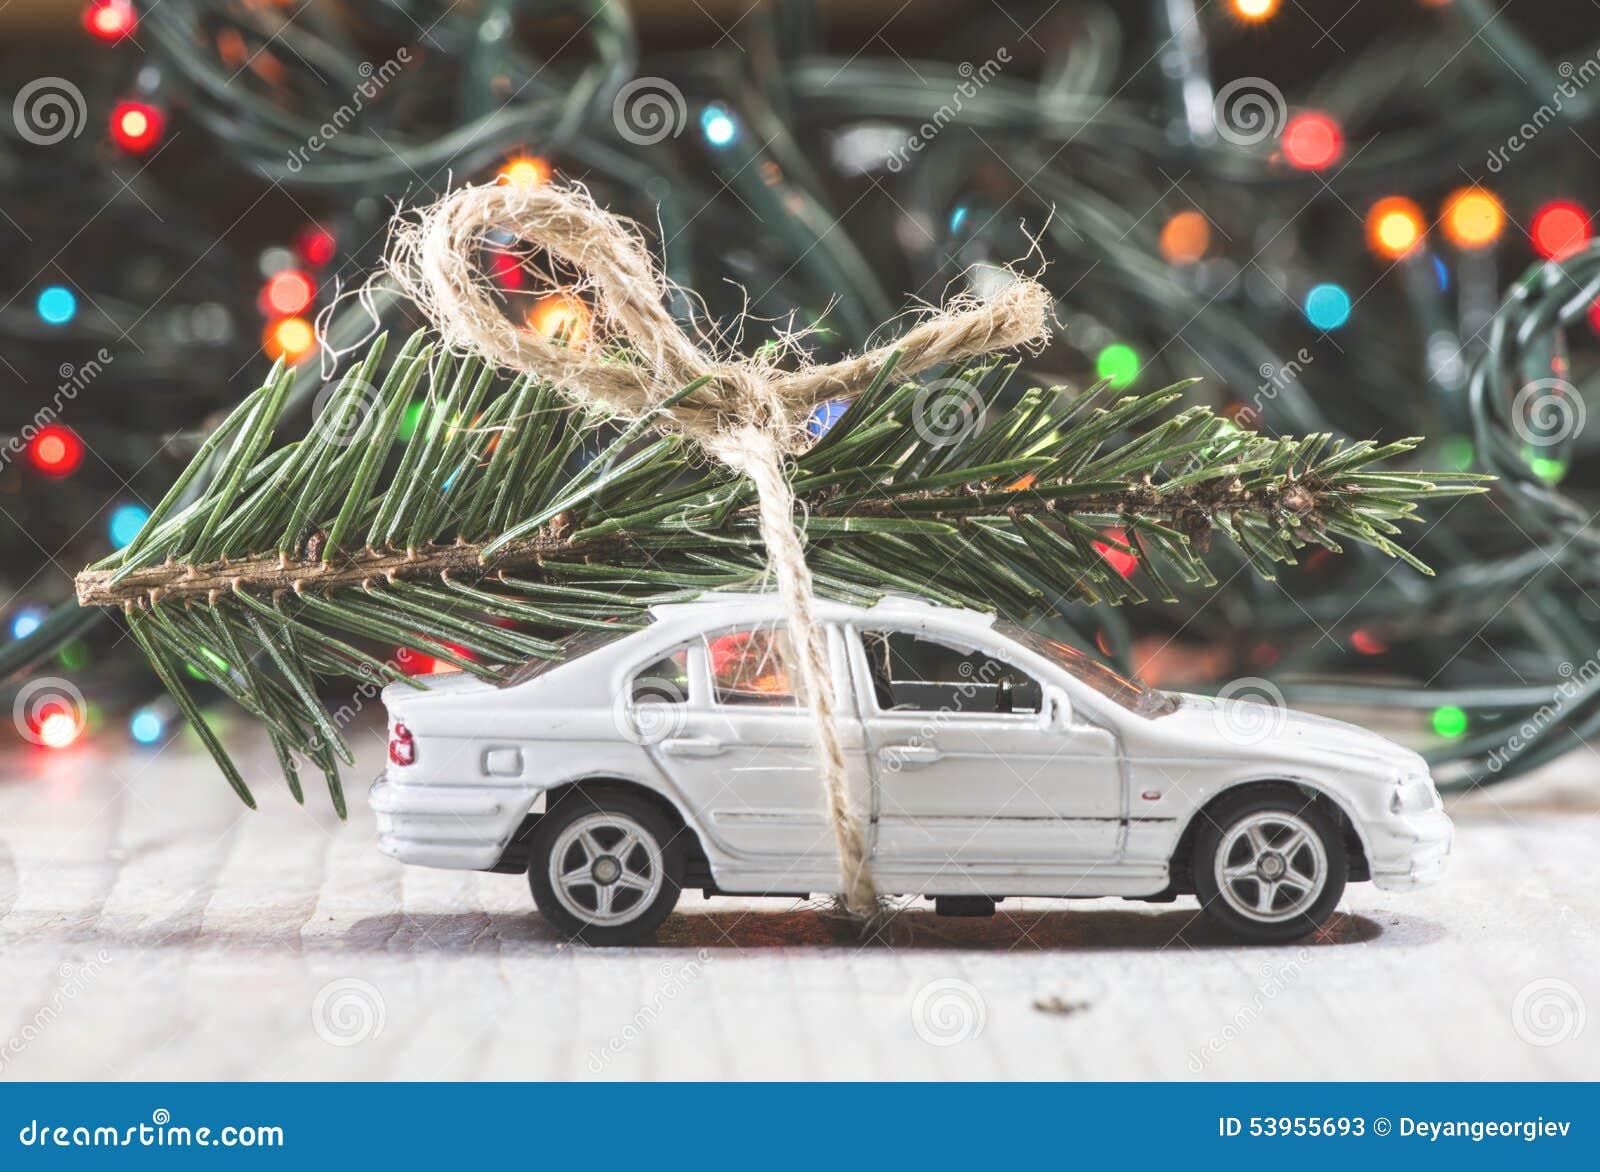 Kerstboom Op Auto Stock Afbeelding Image Of Auto Nieuw 53955693